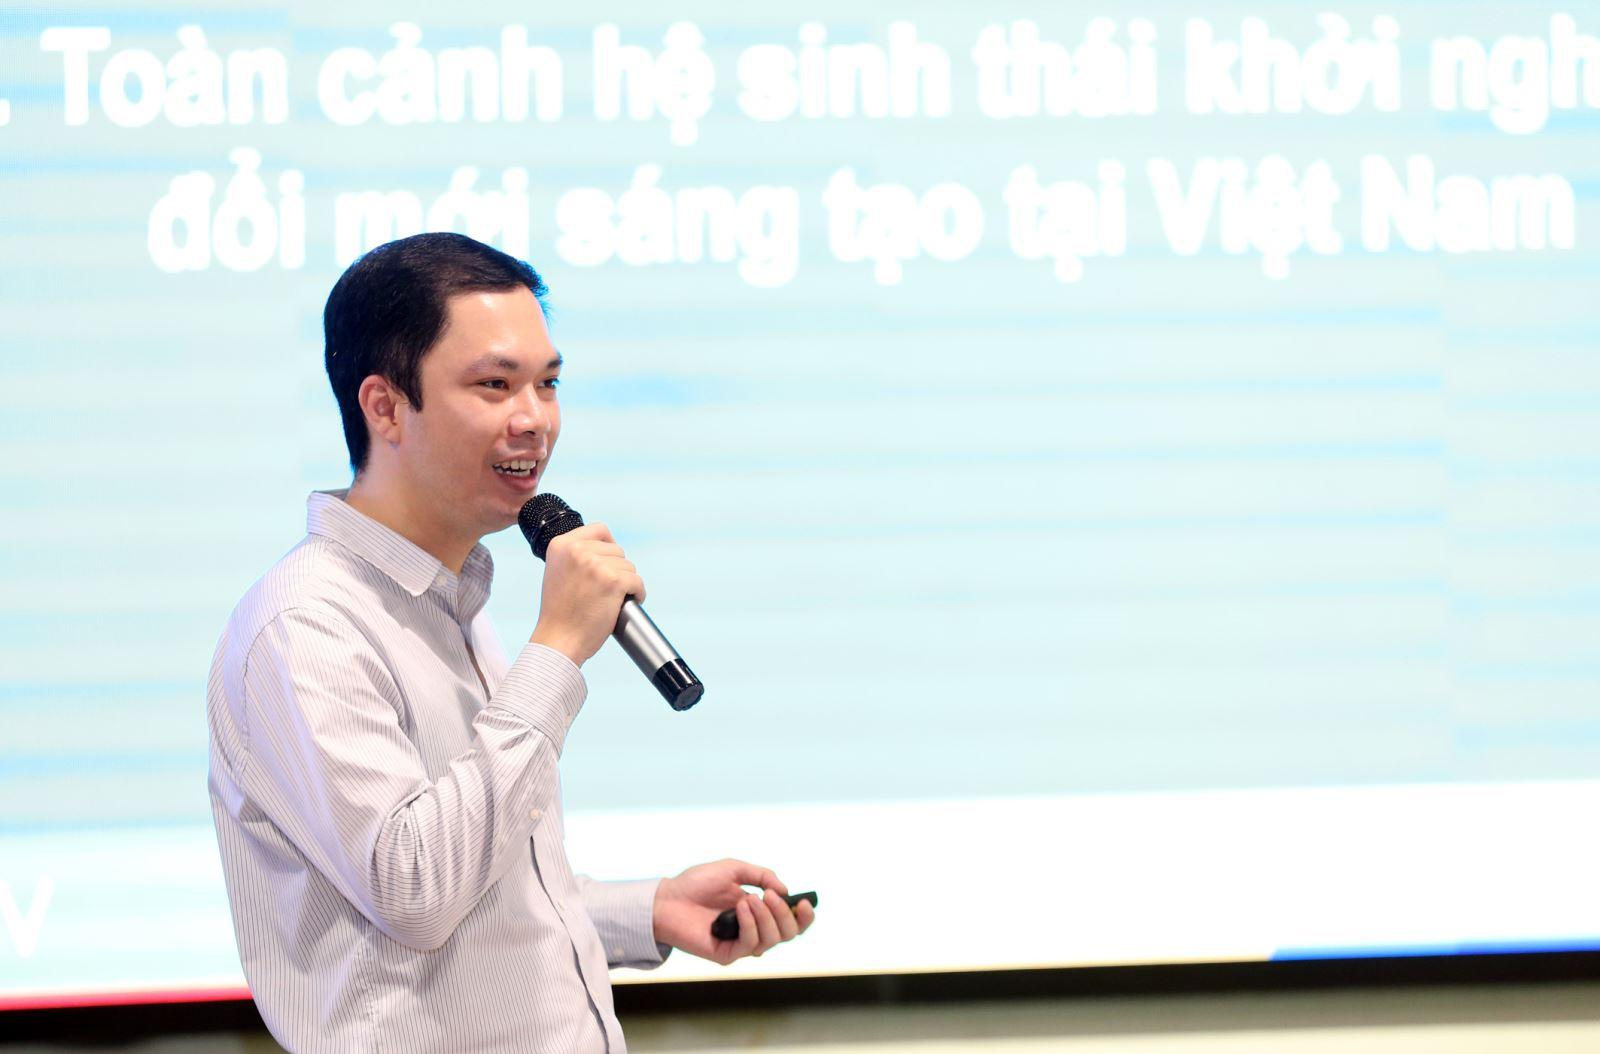 ông Phạm Dũng Nam, Giám đốc Trung tâm Hỗ trợ khởi nghiệp Sáng tạo Quốc gia (NSSC)